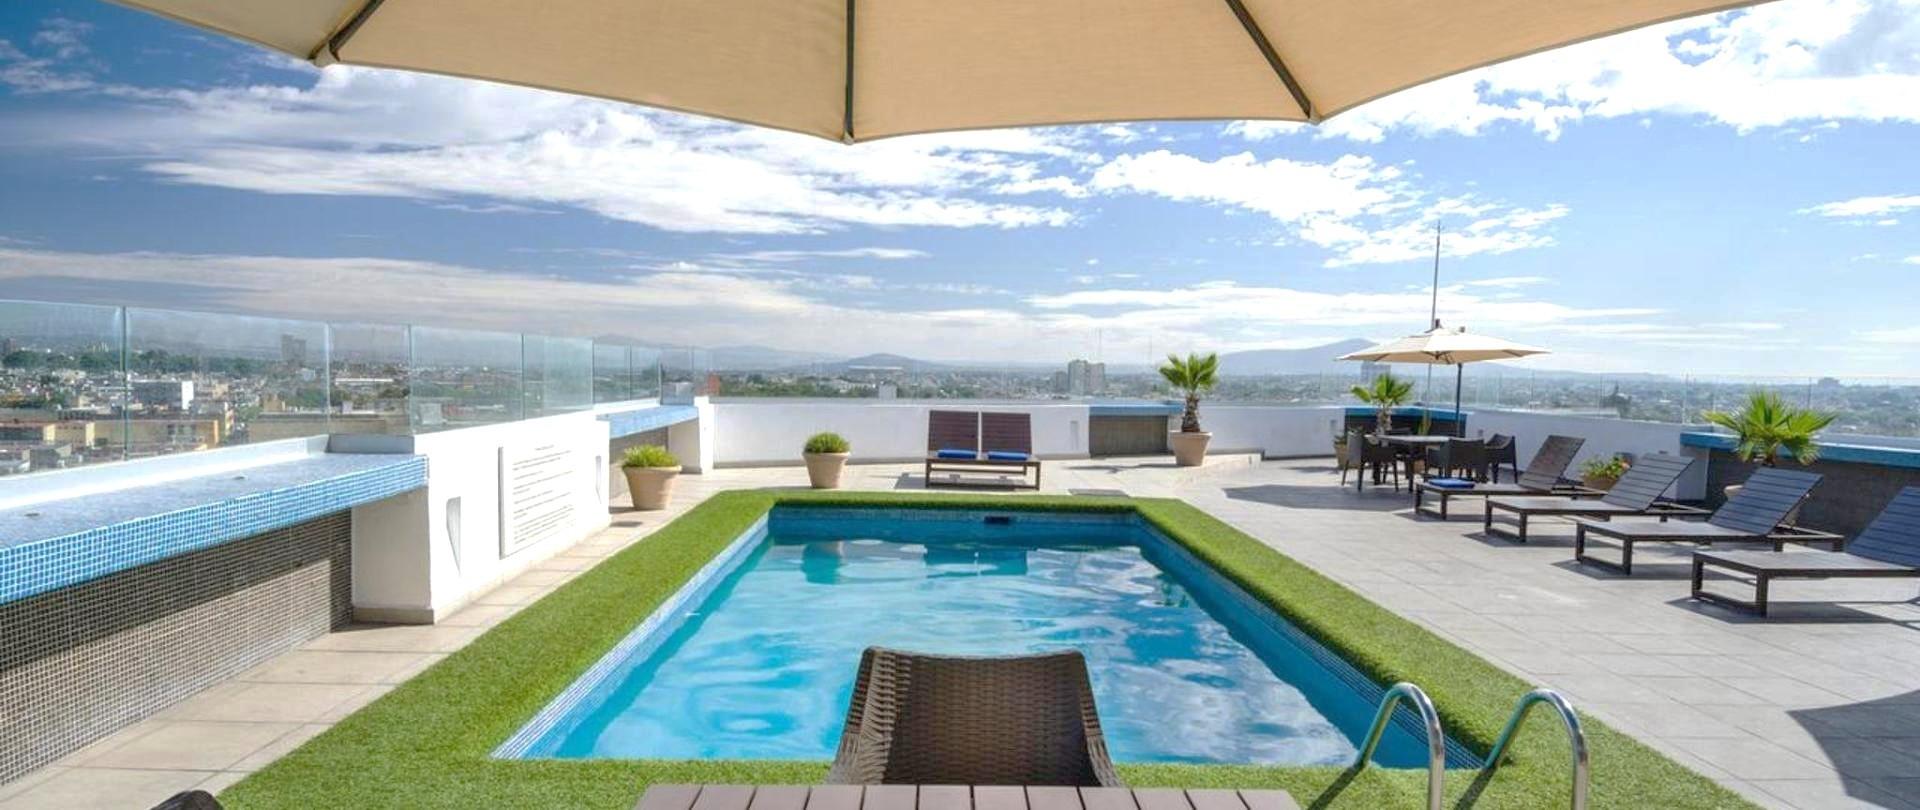 Panoramica del hotel Best Western Plus Gran Hotel Centro Historico